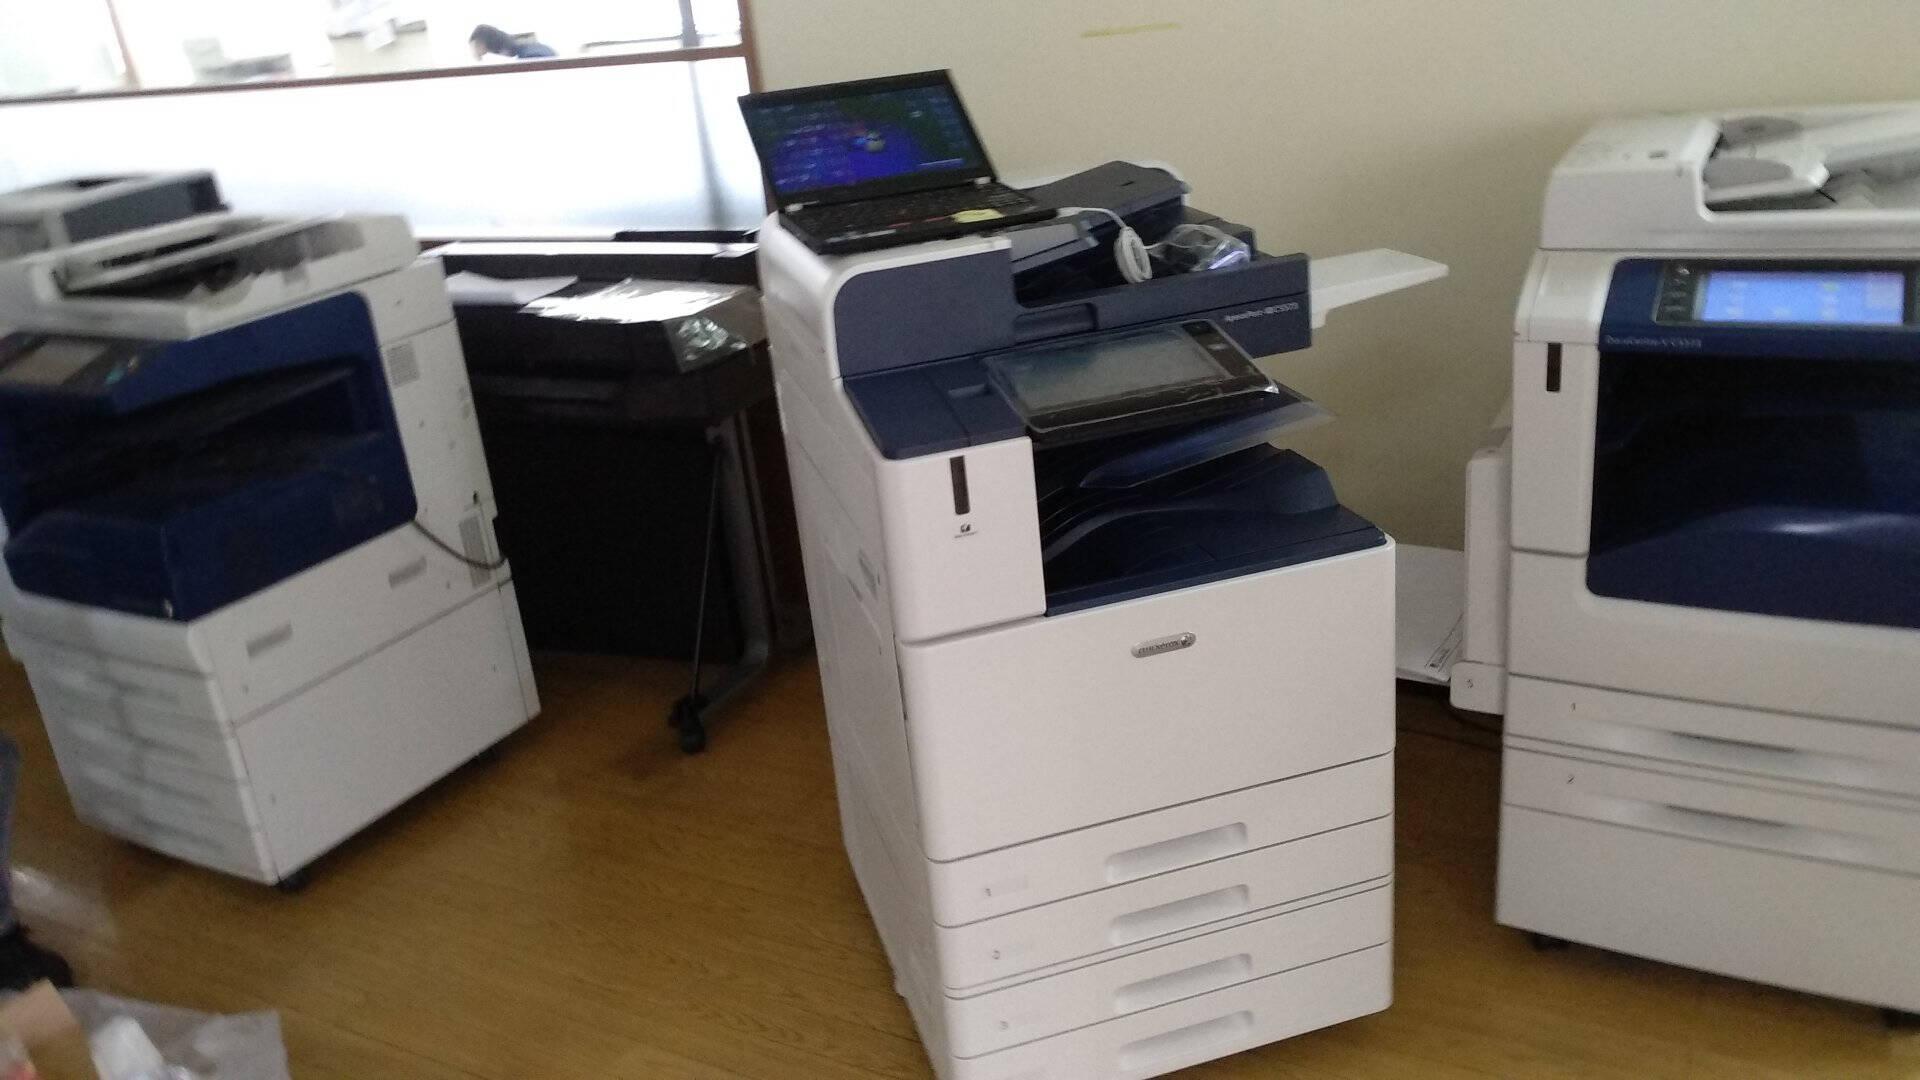 富士施乐SC2022CPSDA复印机a3a4彩色激光打印机2020cpsda升级施乐一体复合机含输稿器及双面器(双纸盒+无线wifi+U盘打印)